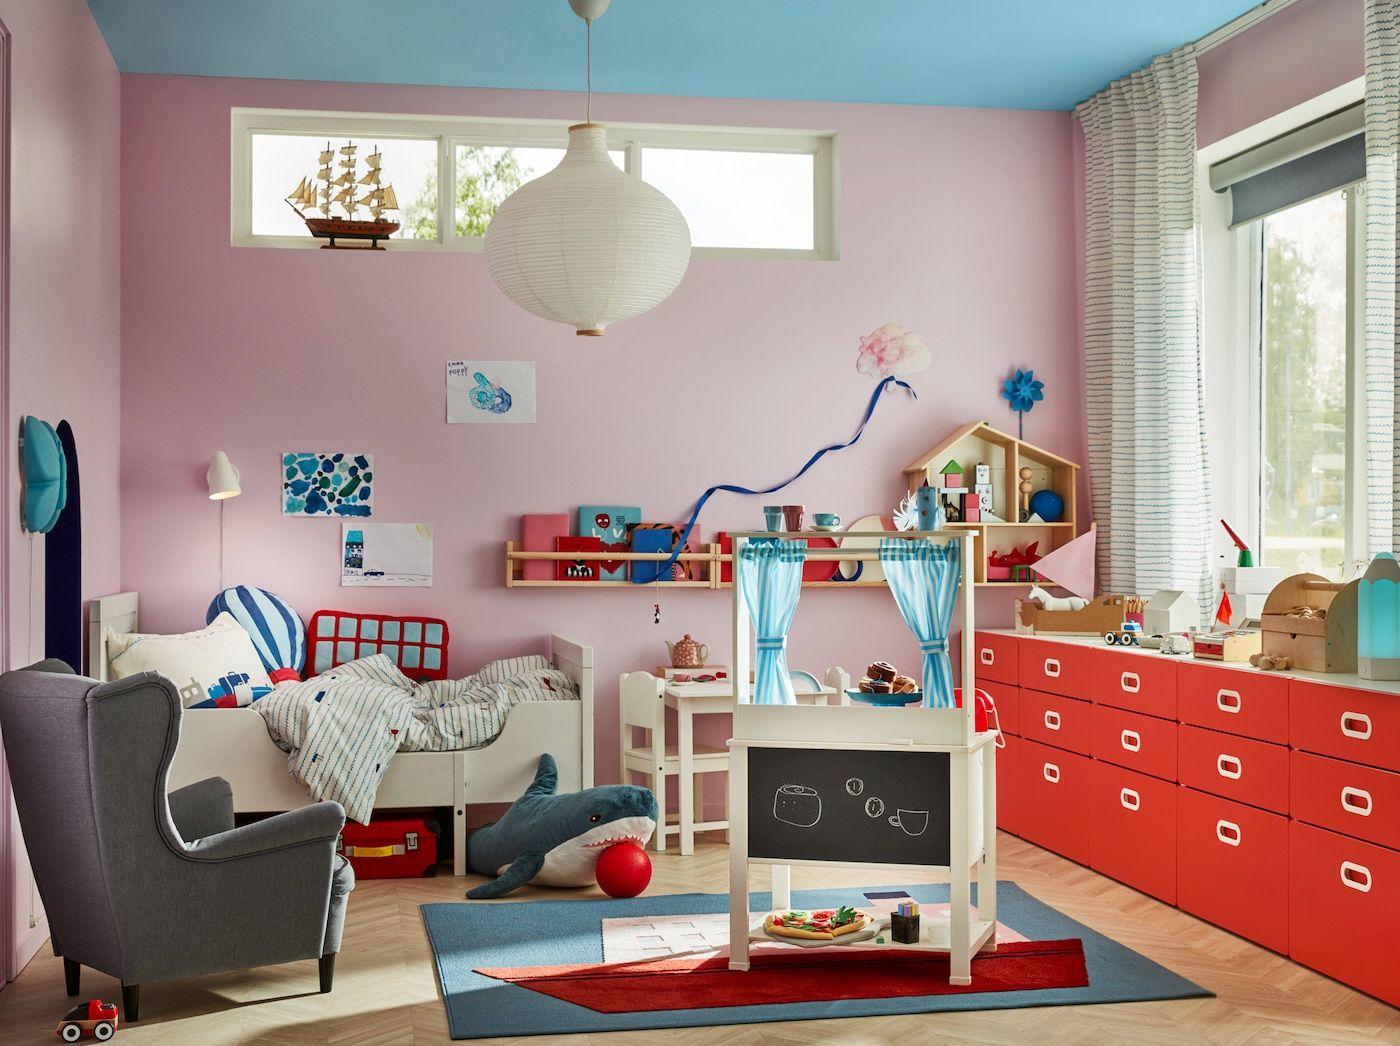 Vielseitiges Kinderzimmer mit Spielküche Kinderzimmer